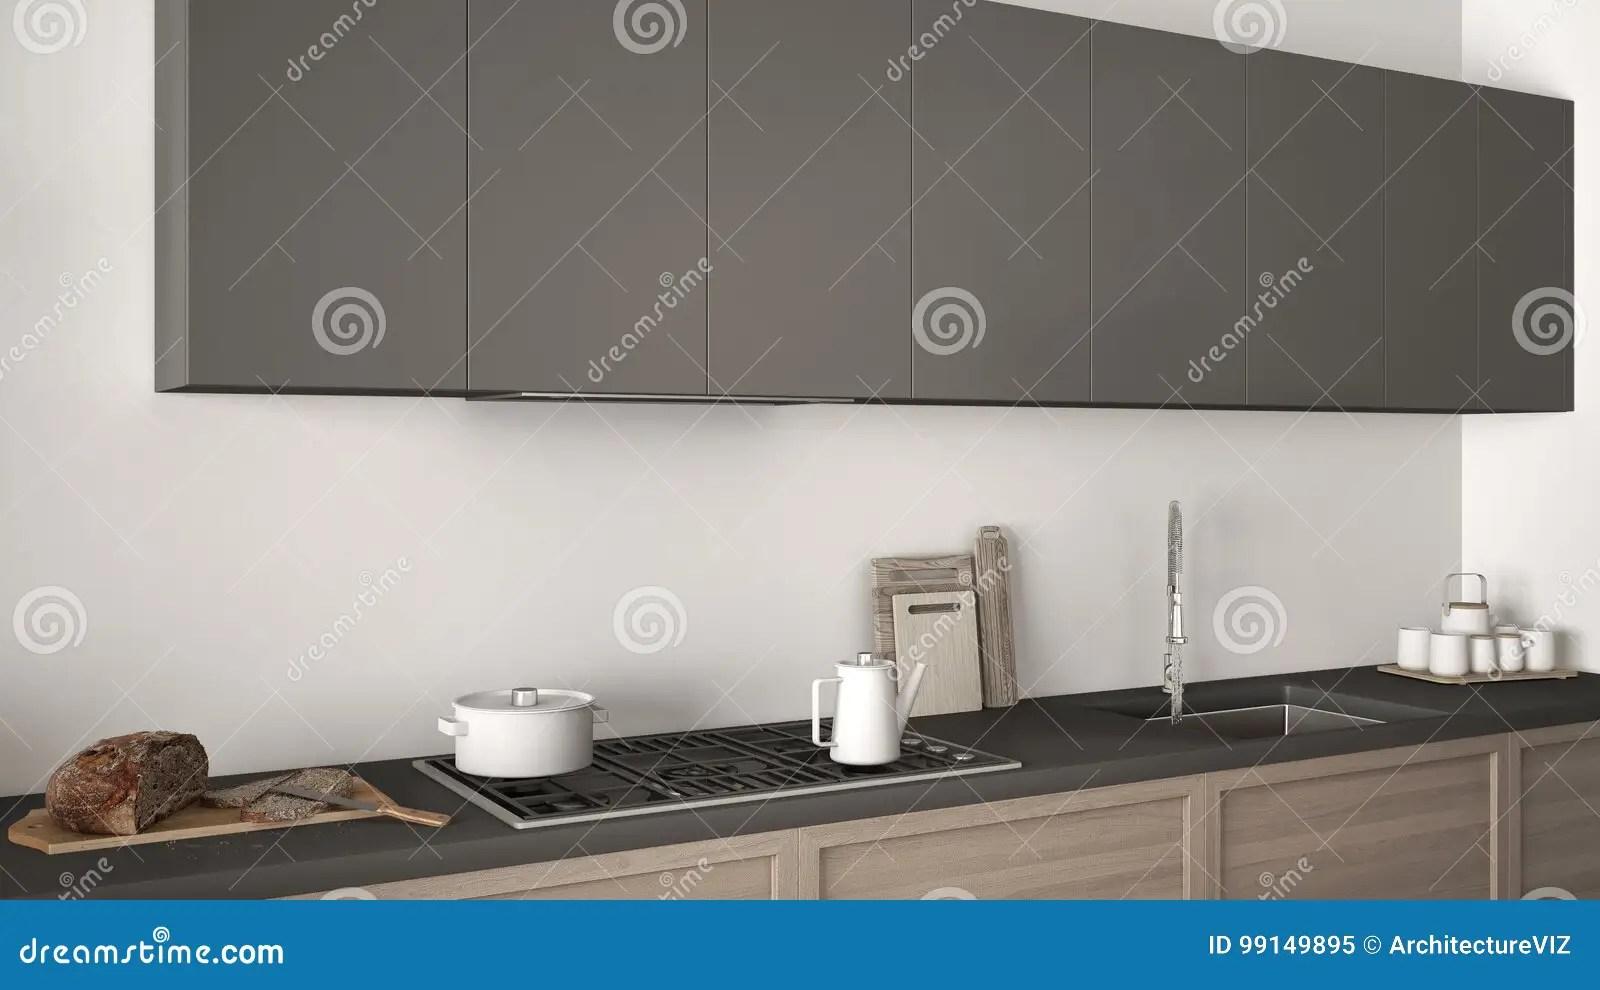 kitchen miniature cute chalkboard sayings 有木细节的现代厨房关闭 白色和灰色微型库存例证 插画包括有家具 食物 白色和灰色微型